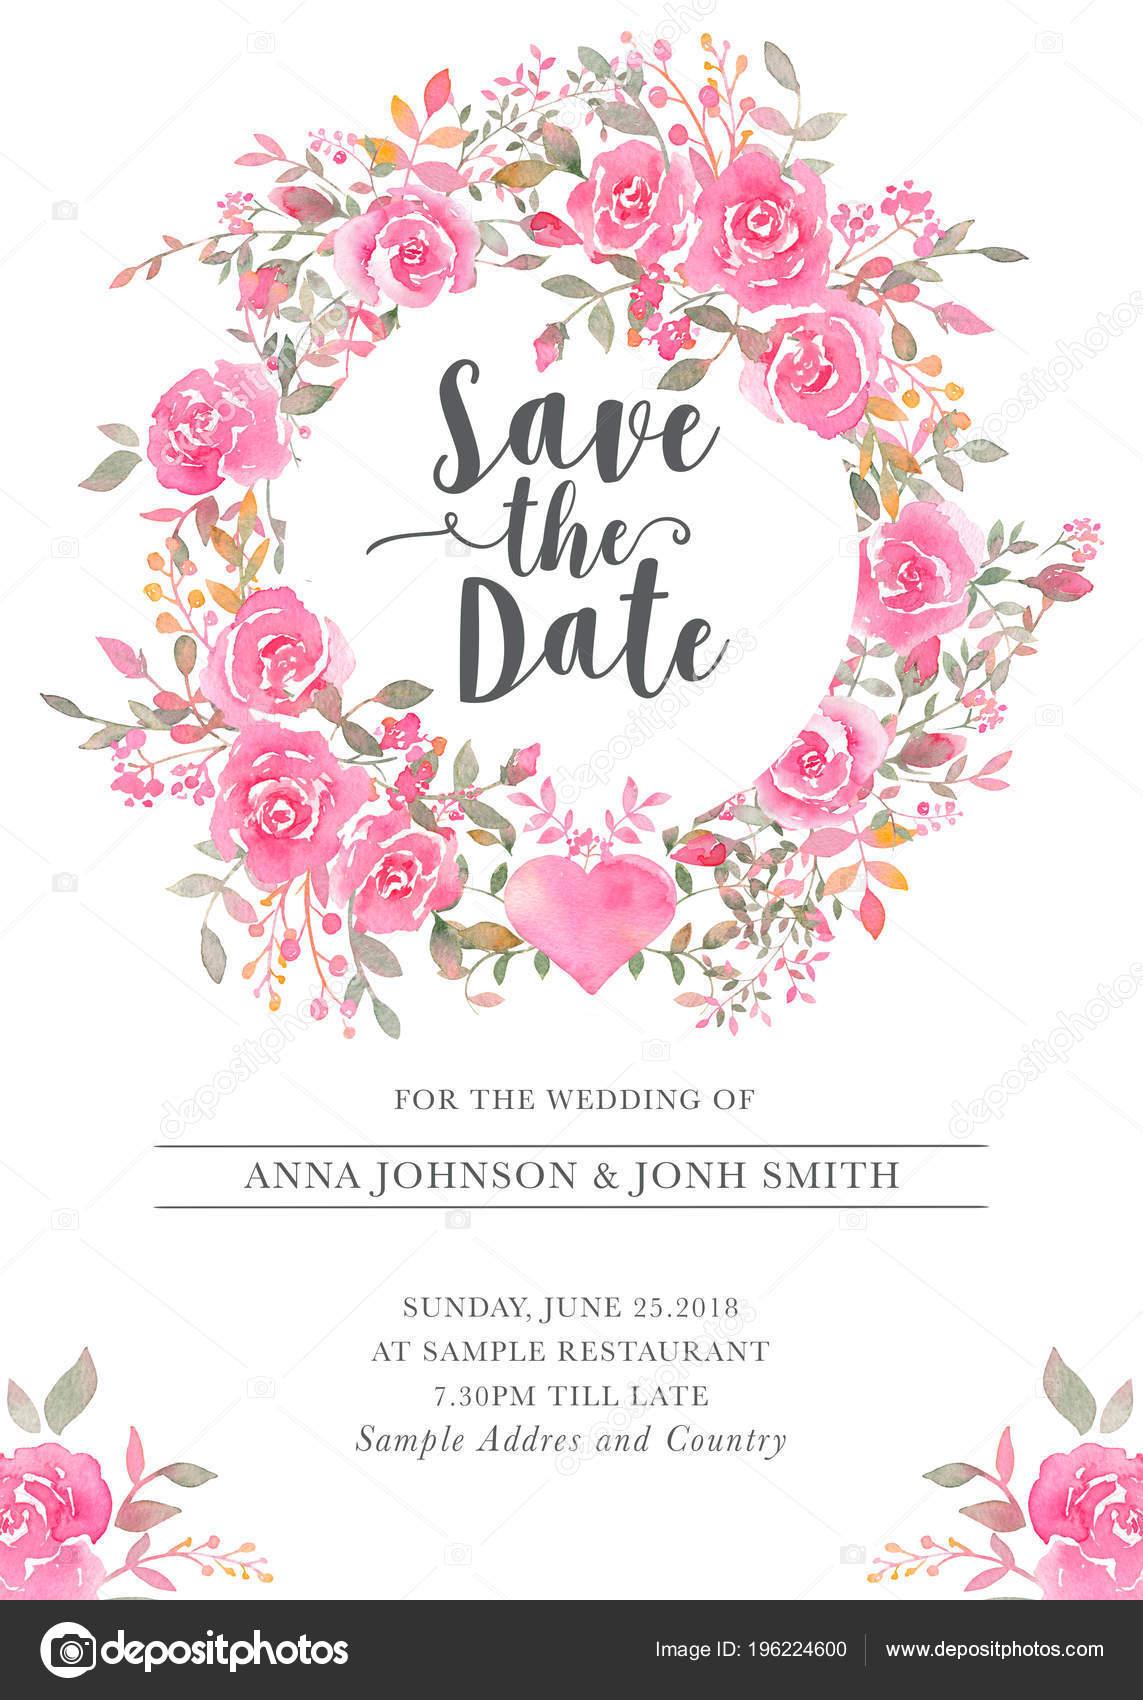 Hochzeit Einladung Kartenvorlage Mit Aquarell Rosenblüten Elegante  Romantische Postkarte Layout U2014 Stockfoto